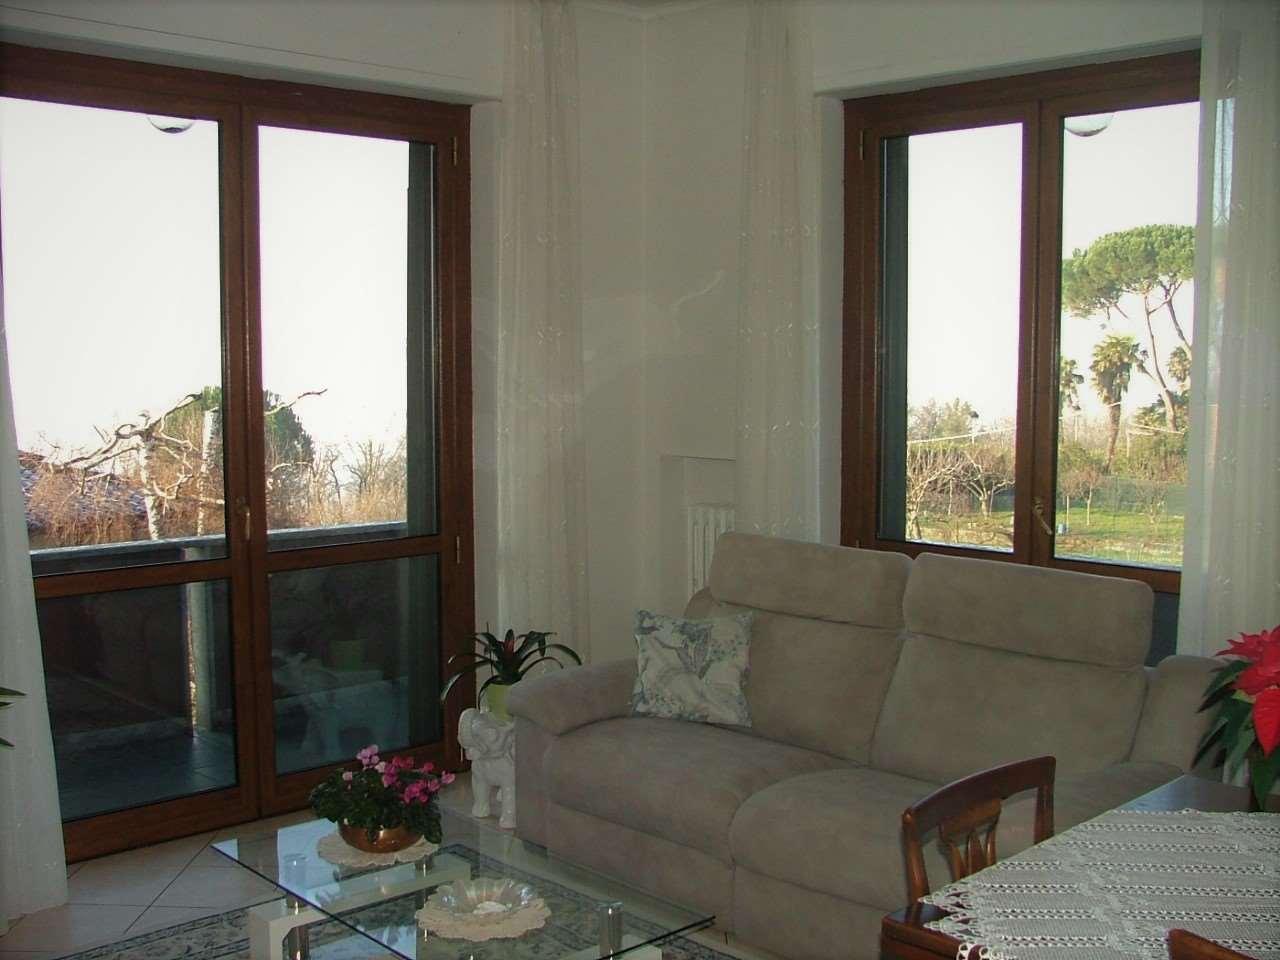 Appartamento in vendita a Gavirate, 3 locali, zona Zona: Voltorre, prezzo € 129.000 | CambioCasa.it